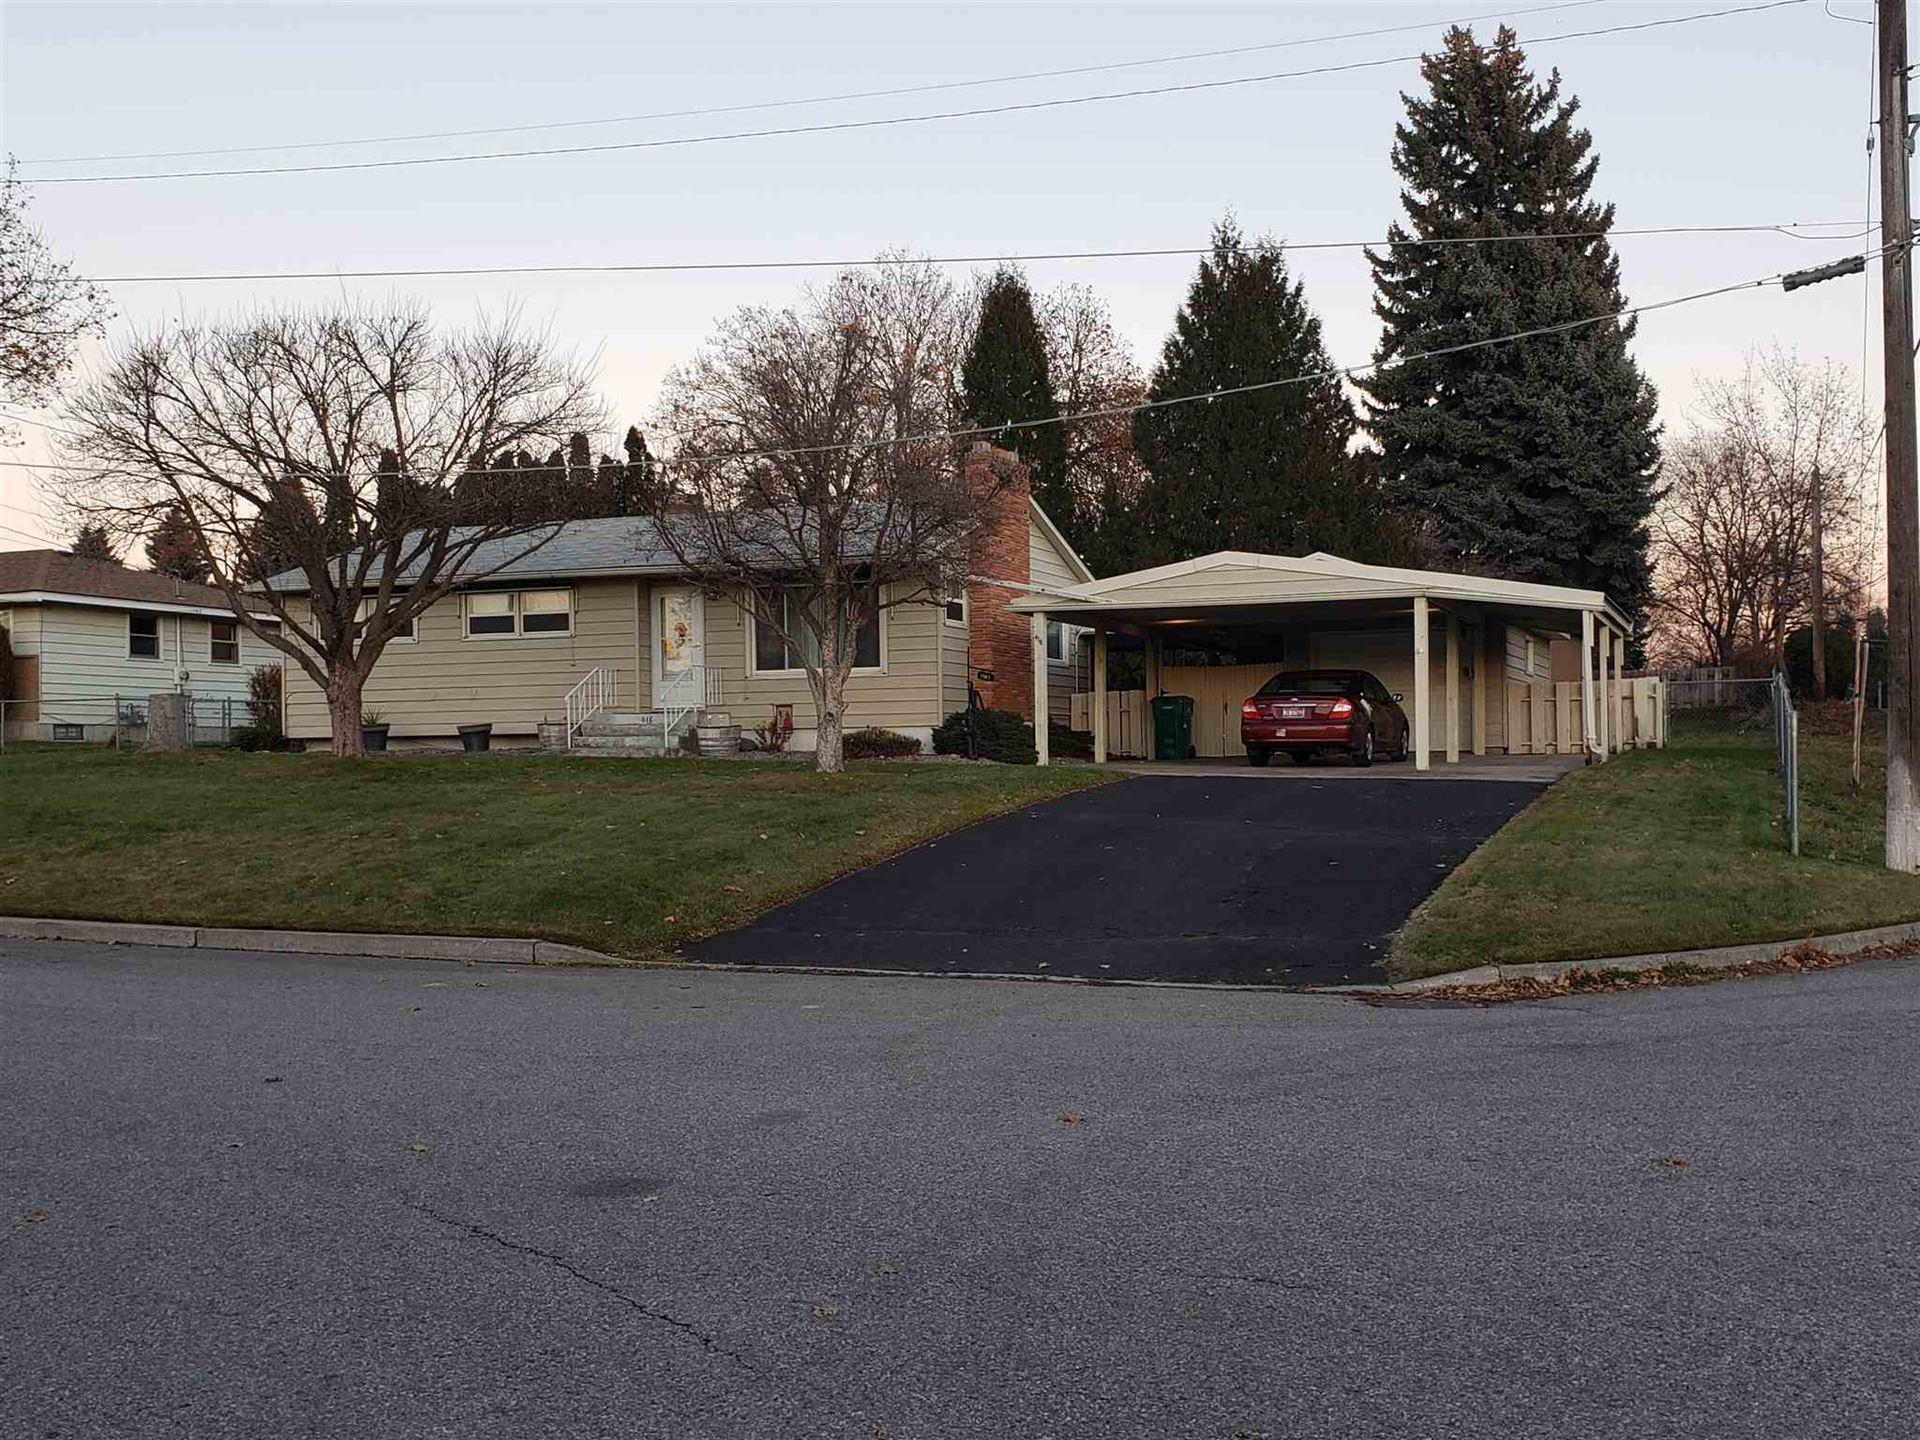 416 N Bannen Rd, Spokane Valley, WA 99216 - #: 202025898